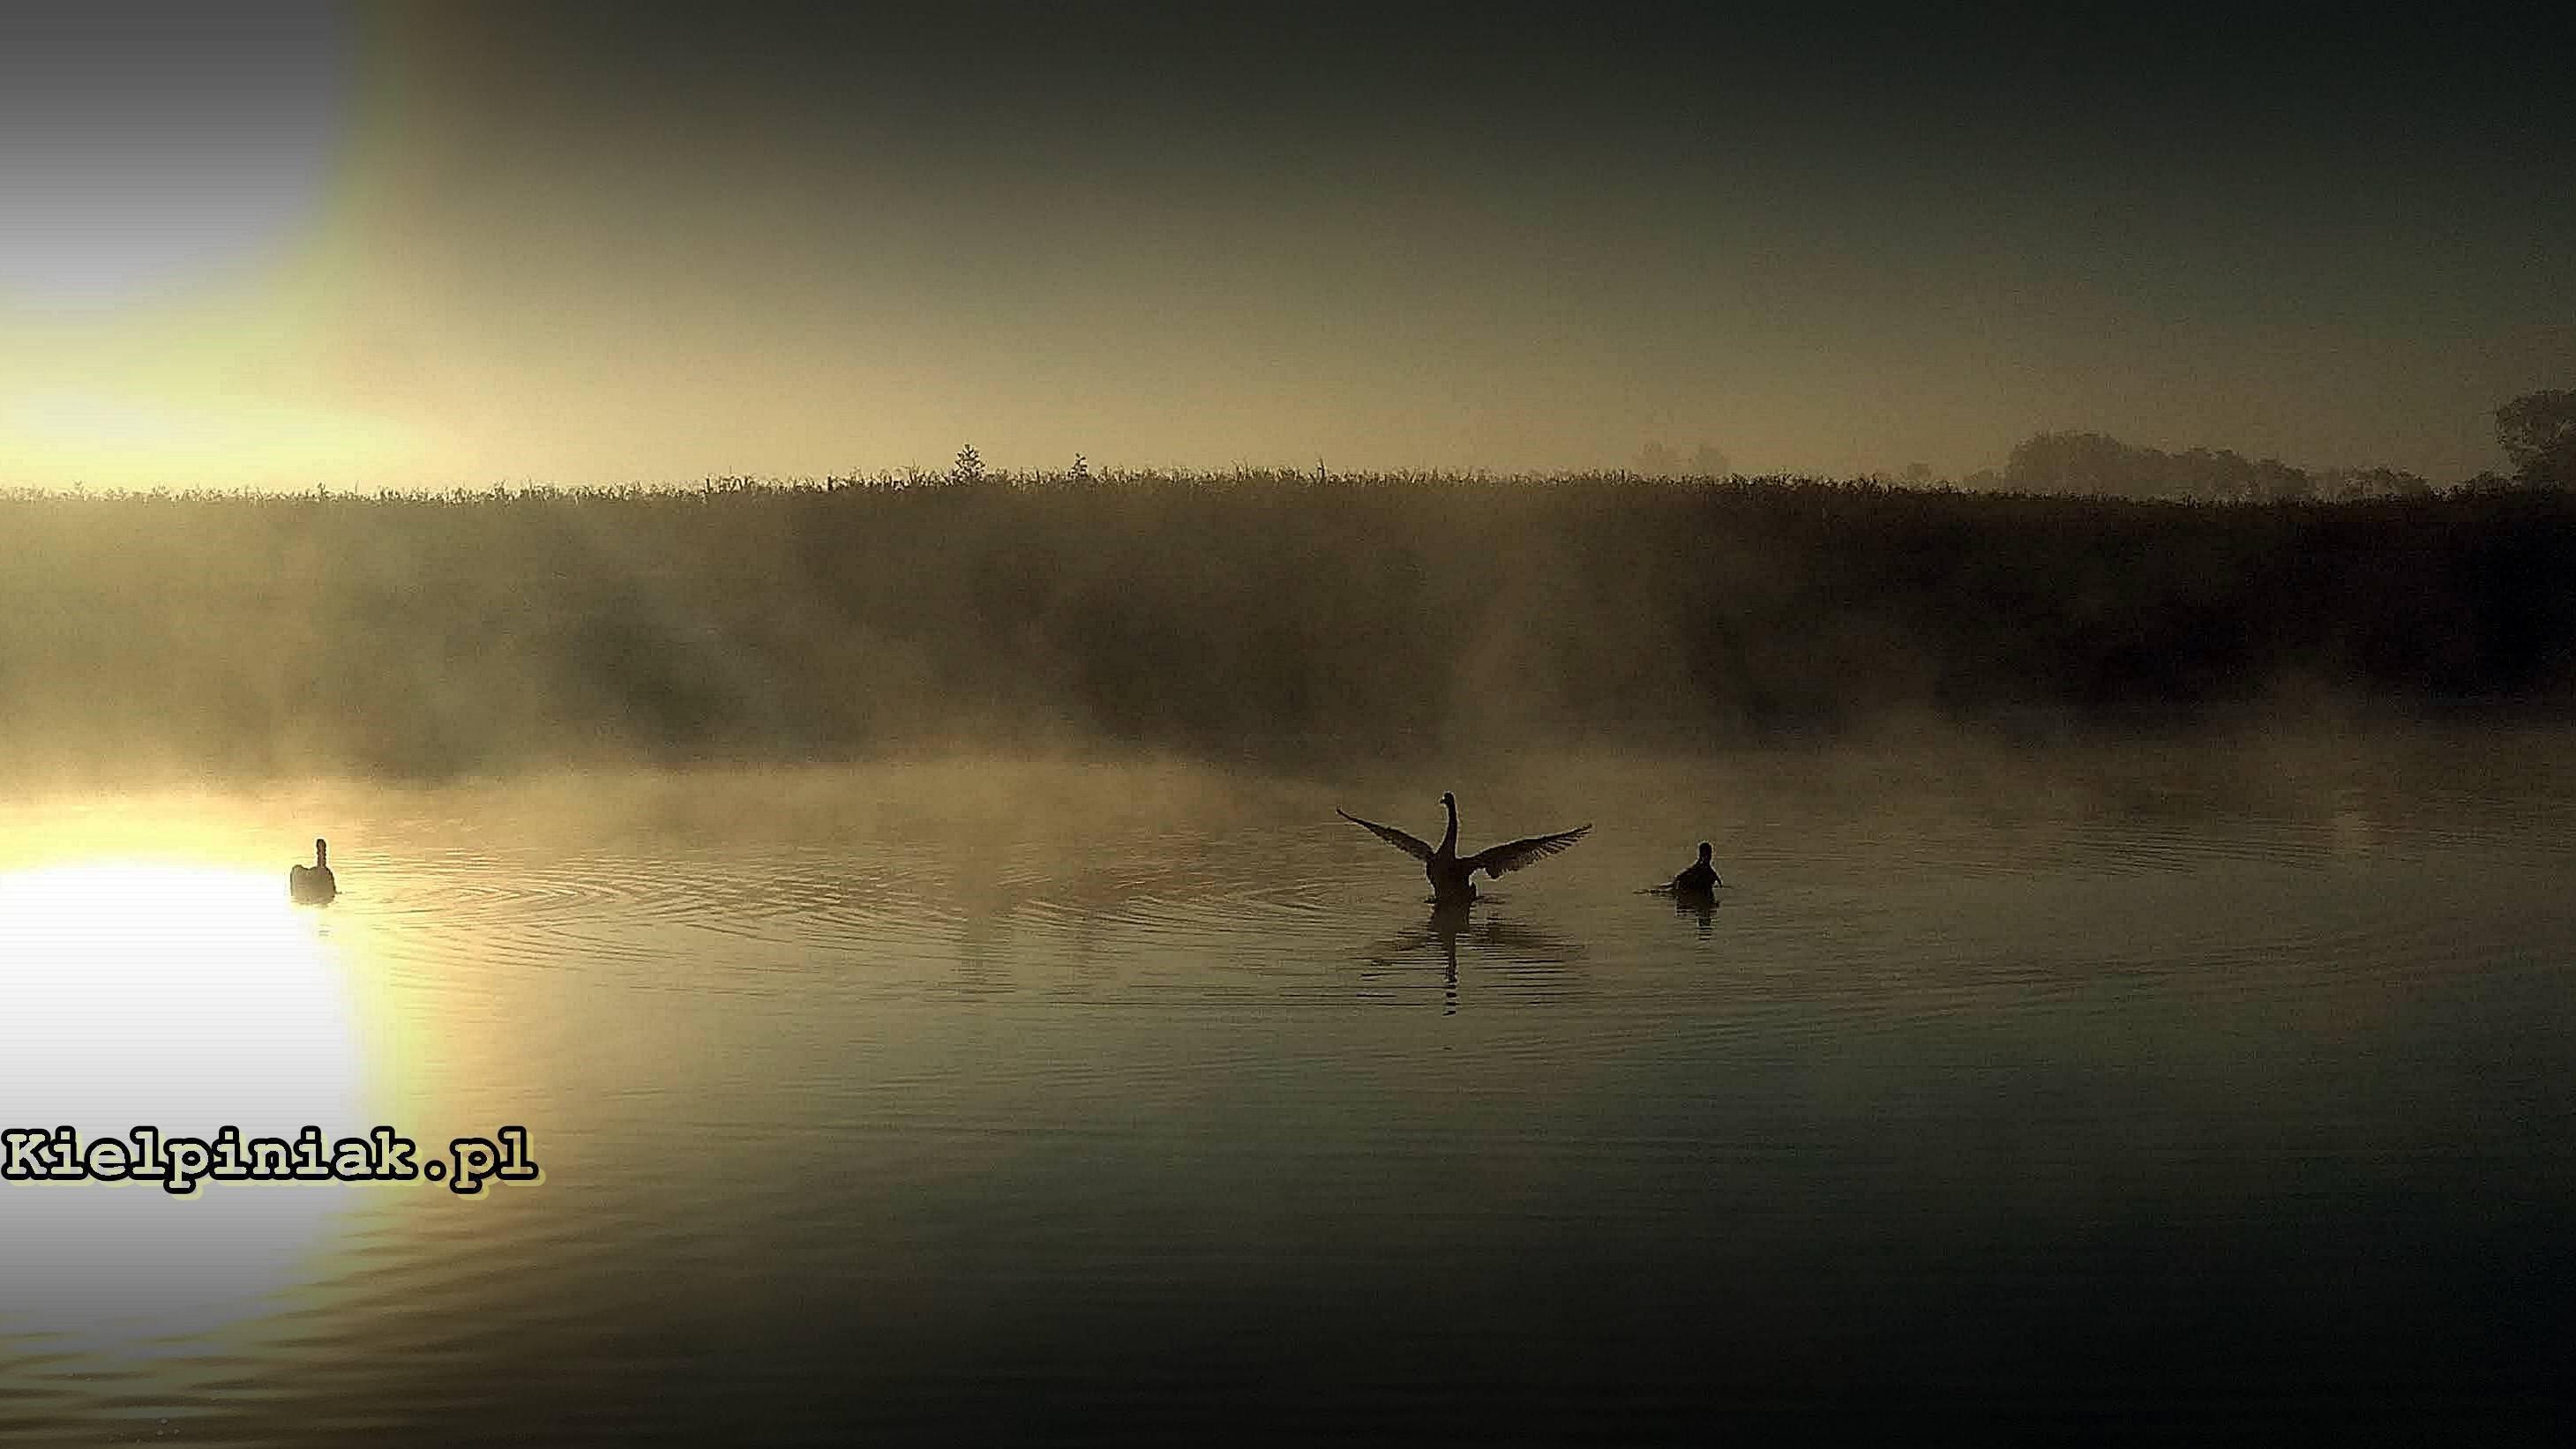 wschód słońca nad jeziorem i łabędzie